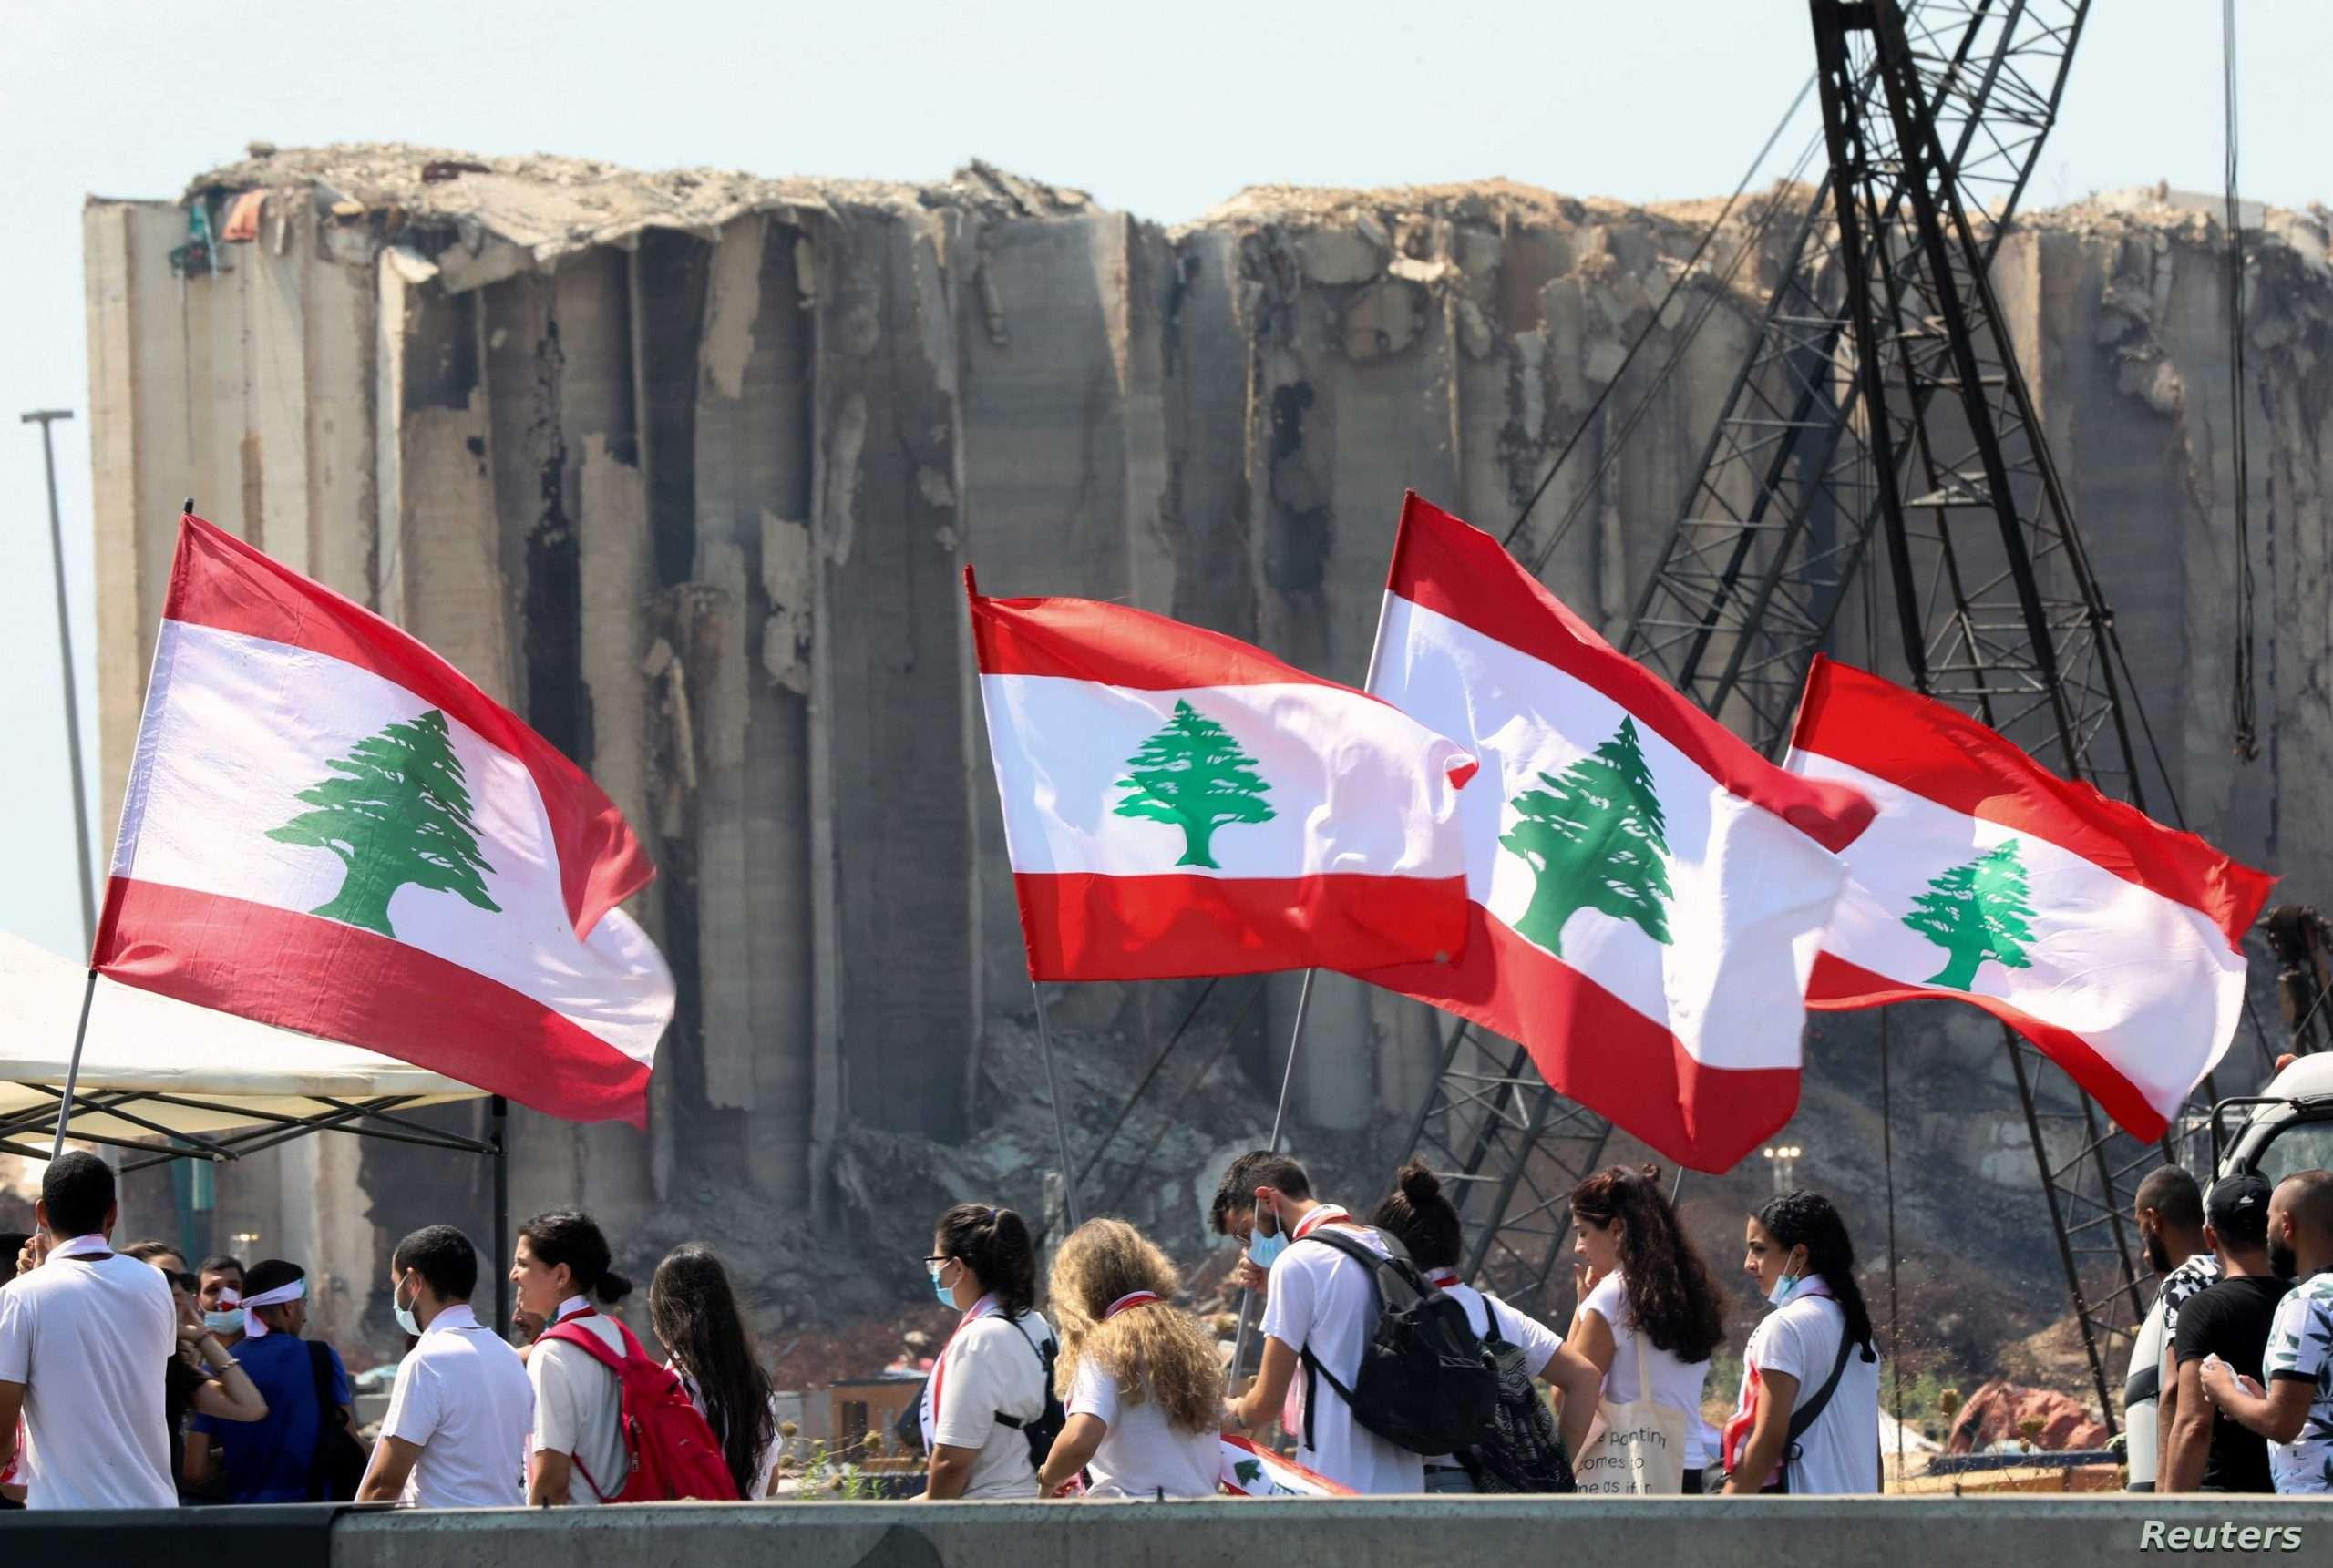 ترحيب دولي بتشكيل الحكومة اللبنانية, صحيفة عربية -بروفايل نيوز